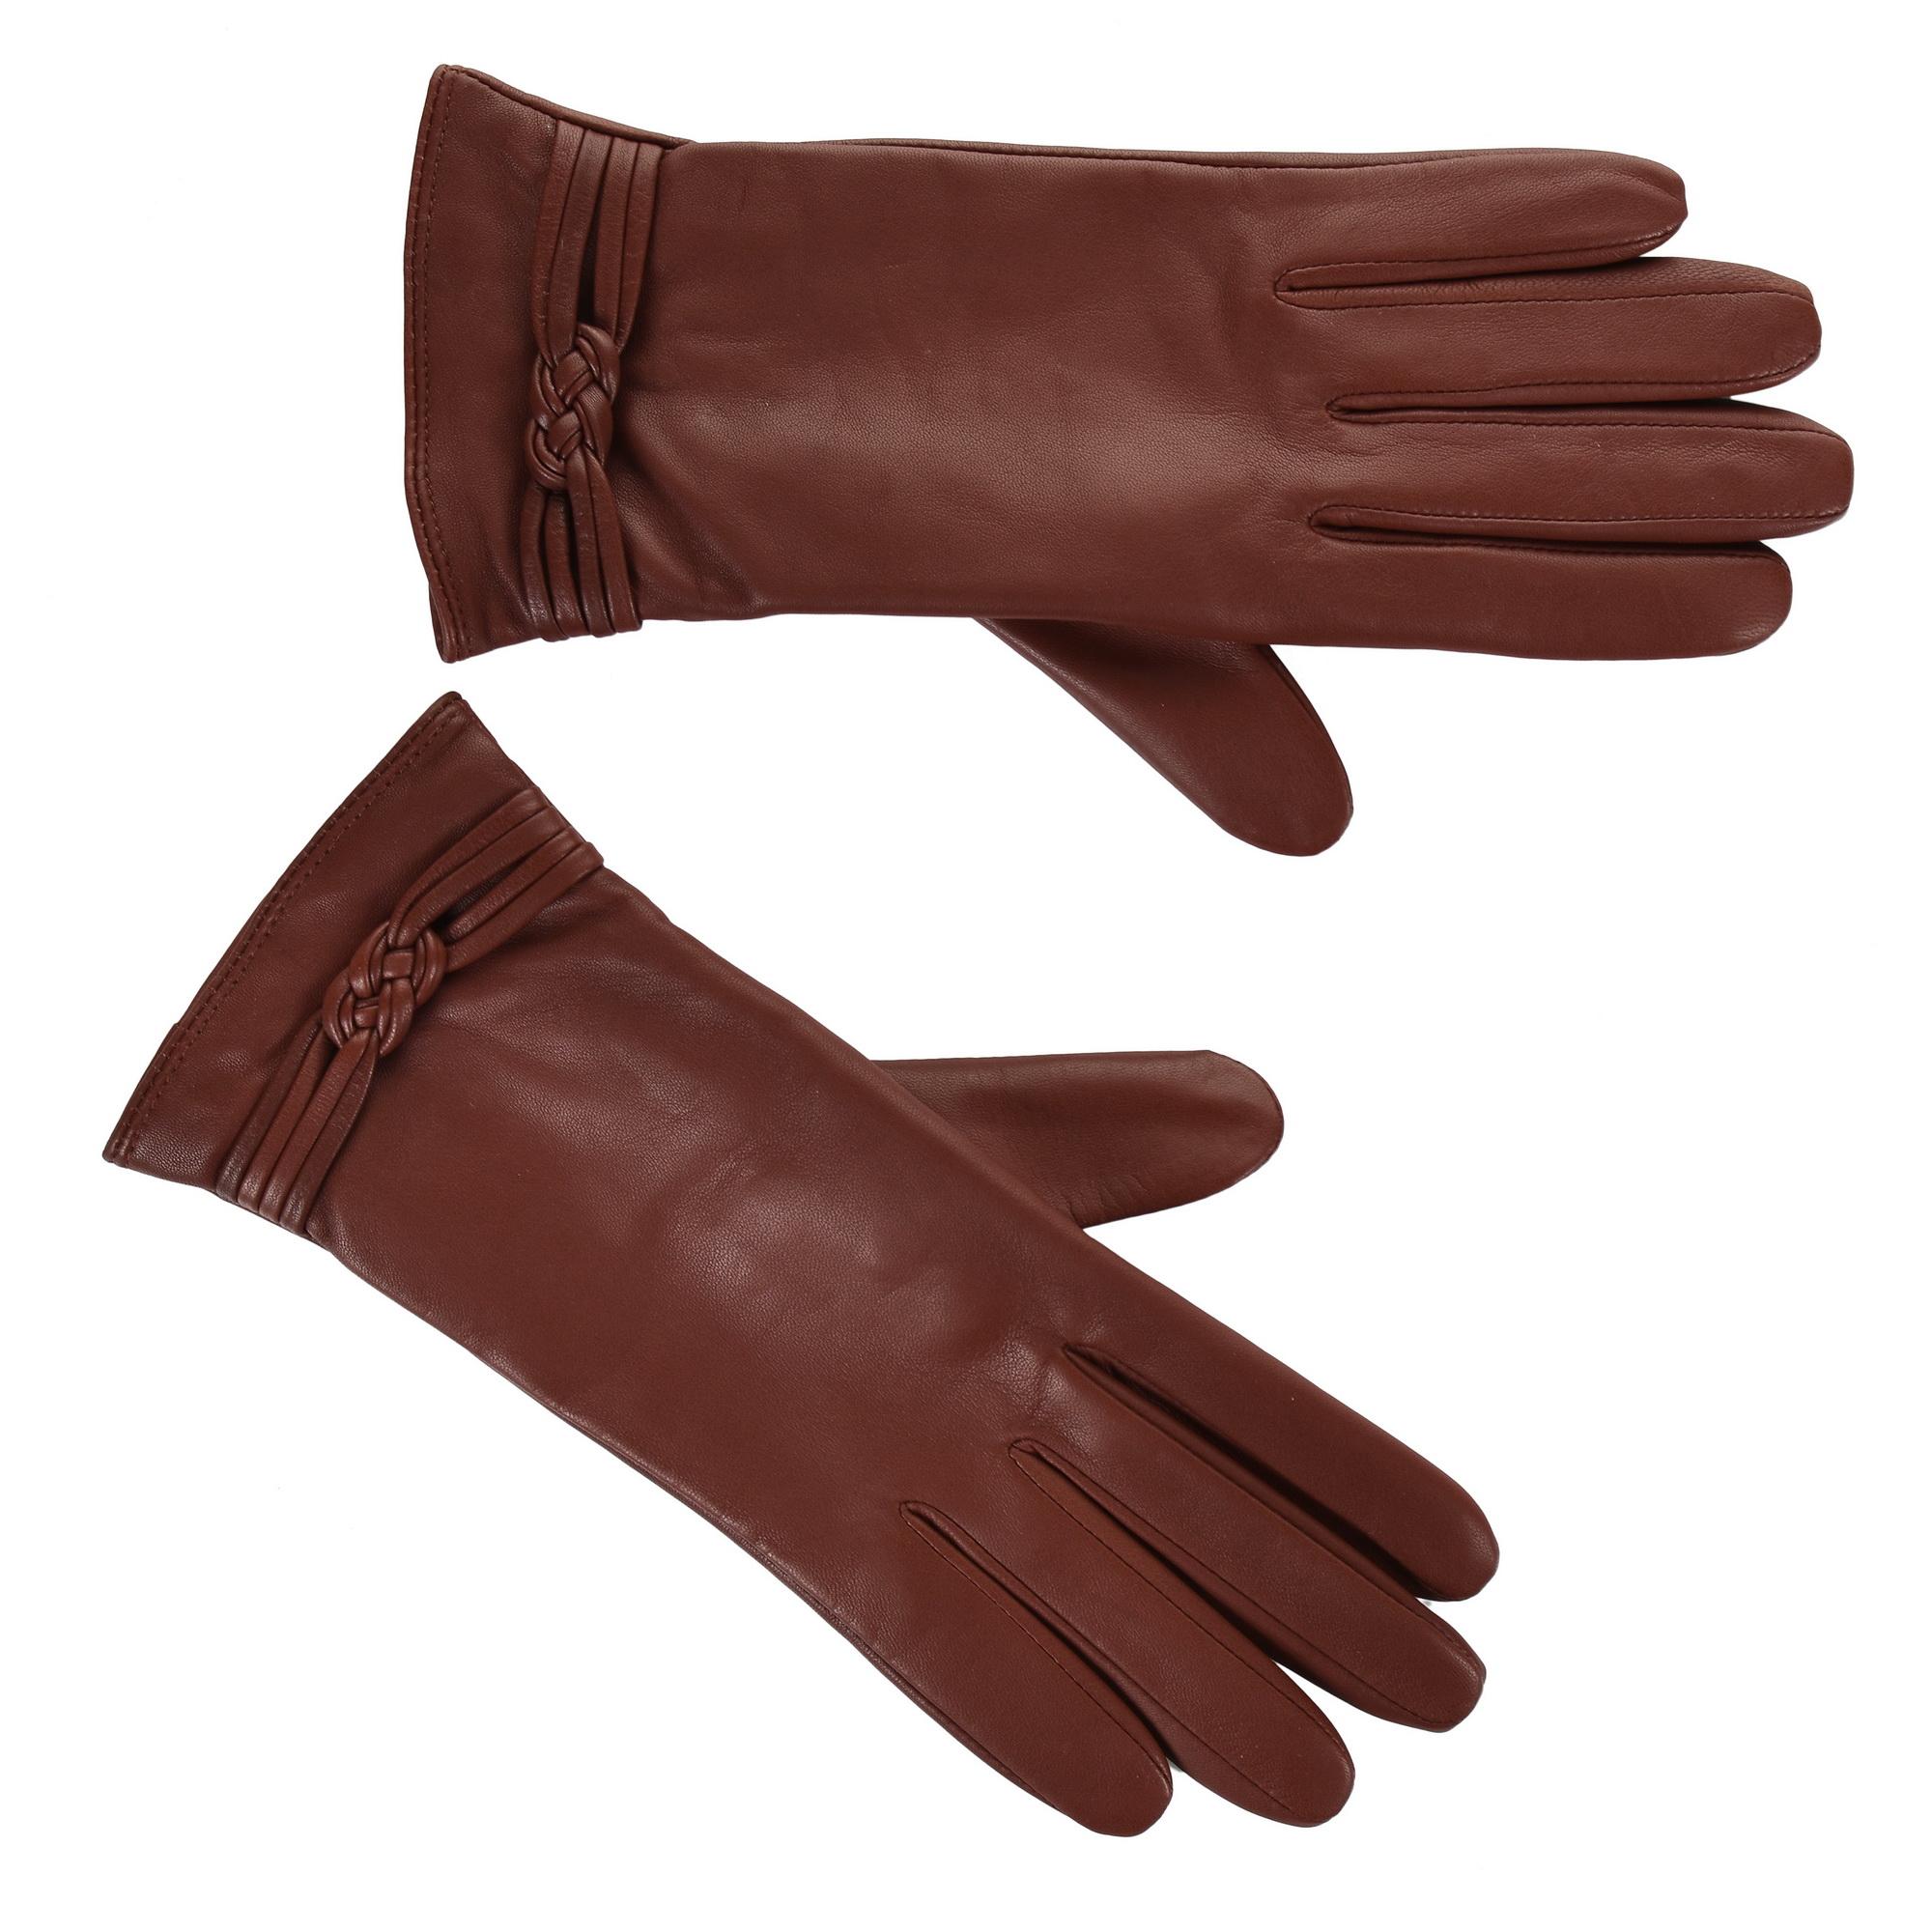 Δερμάτινα Γάντια Guy Laroche 98876 γυναικα   γυναικείο γάντι